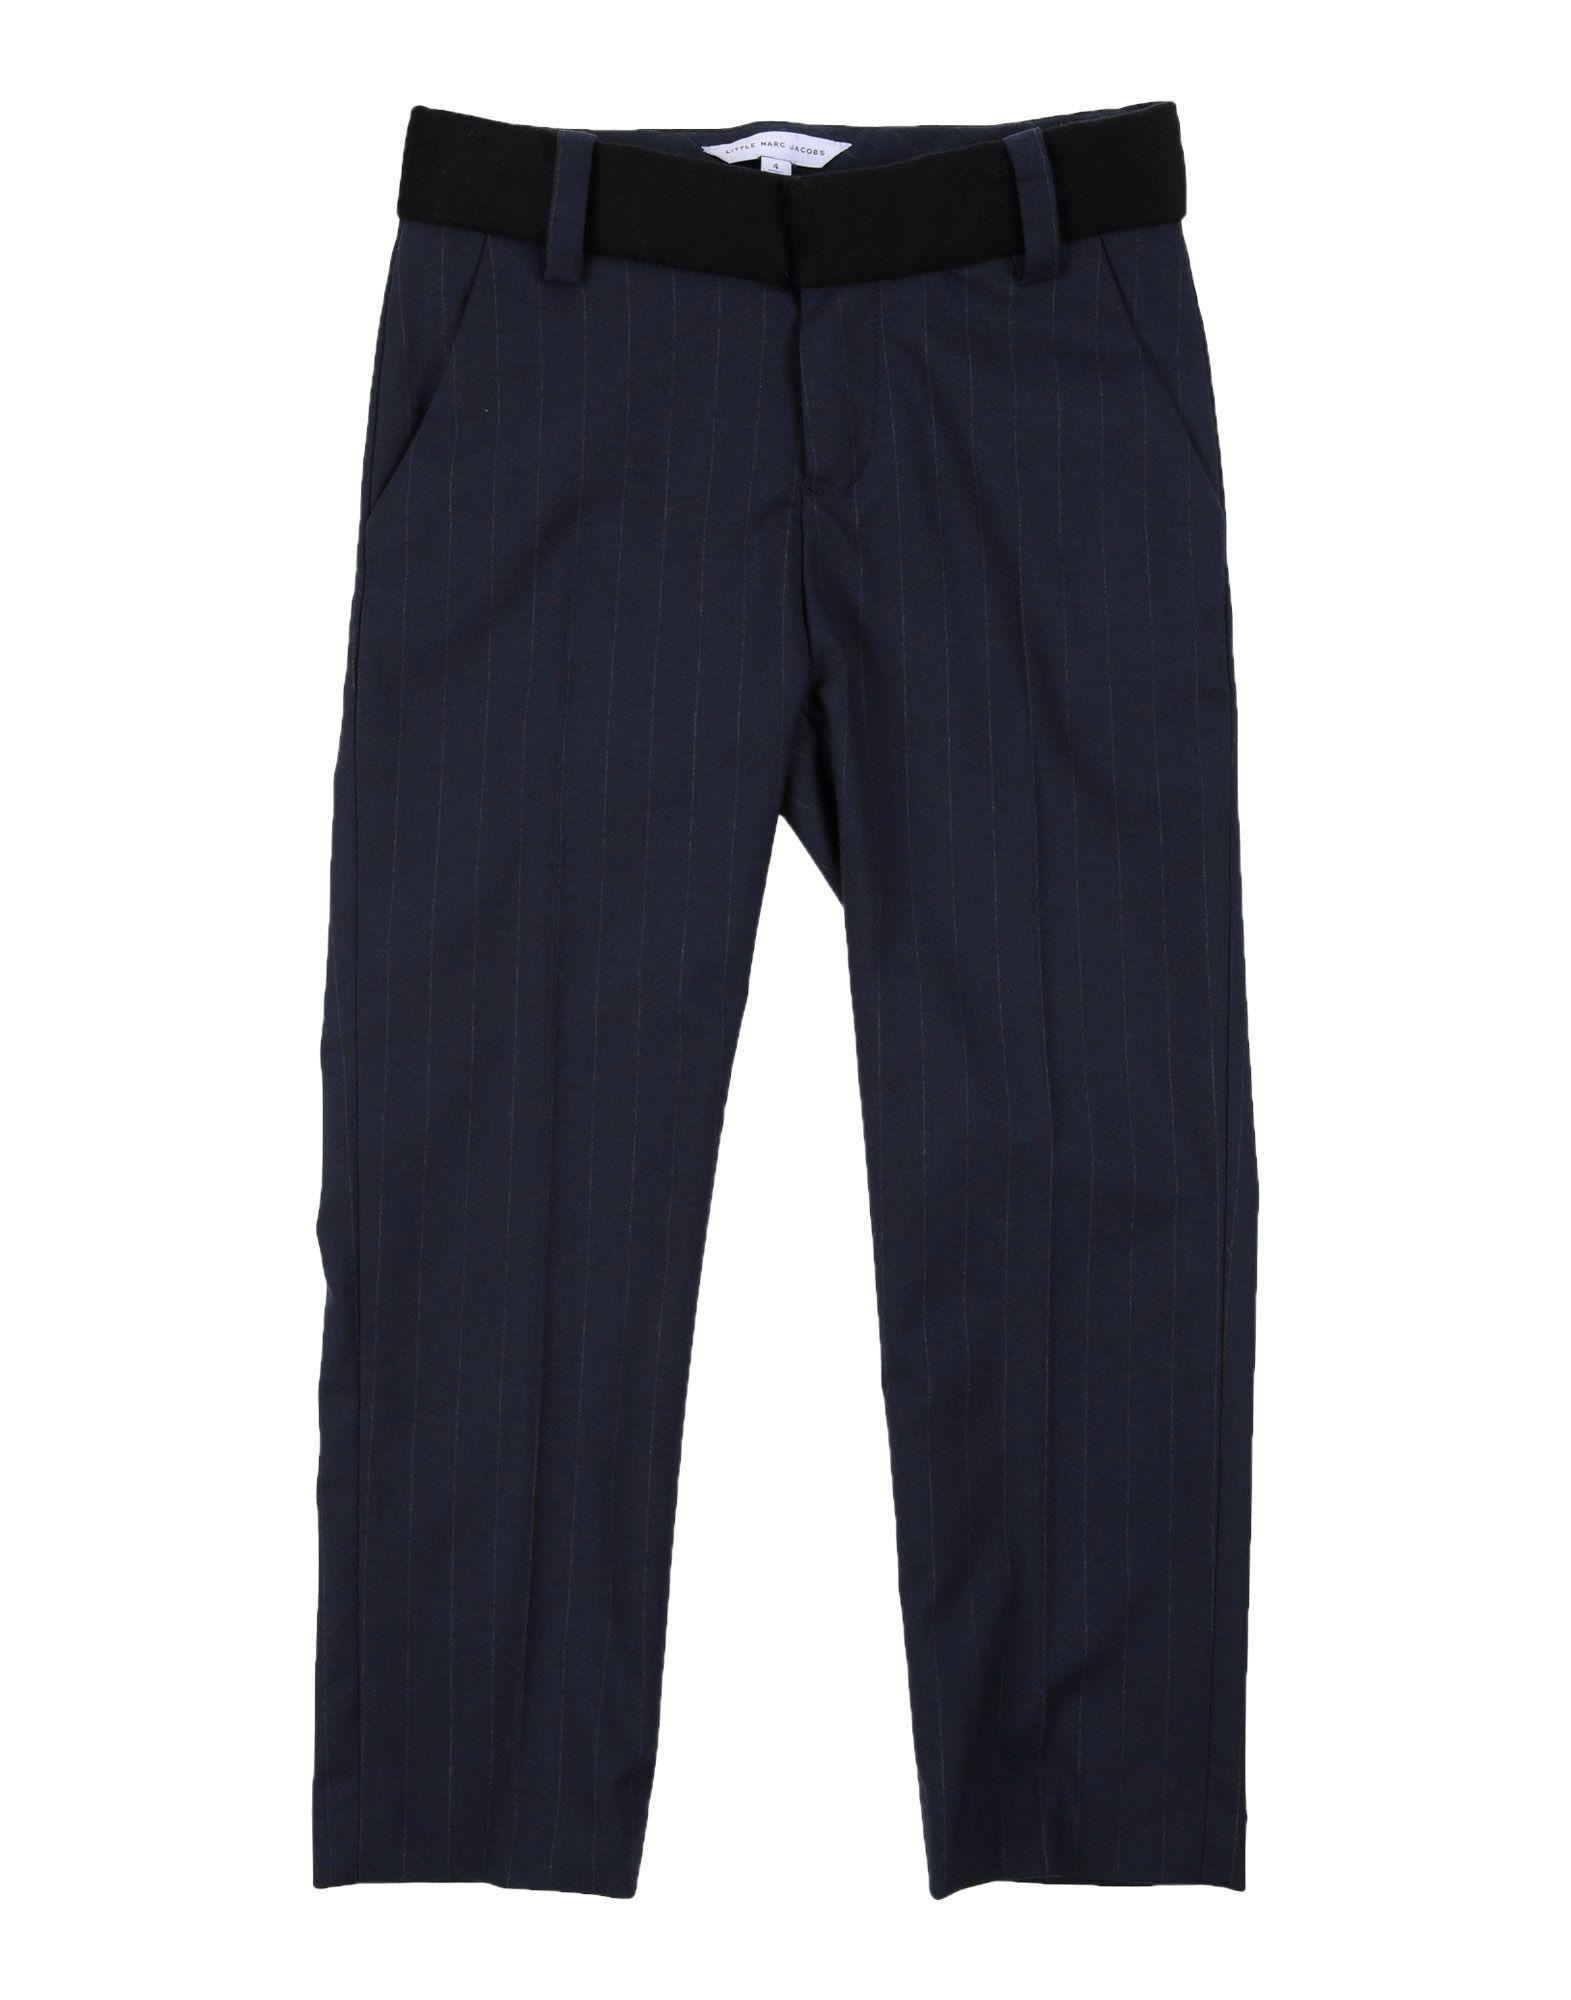 LITTLE MARC JACOBS Повседневные брюки спортивные брюки серые little marc jacobs ут 00007281 page 8